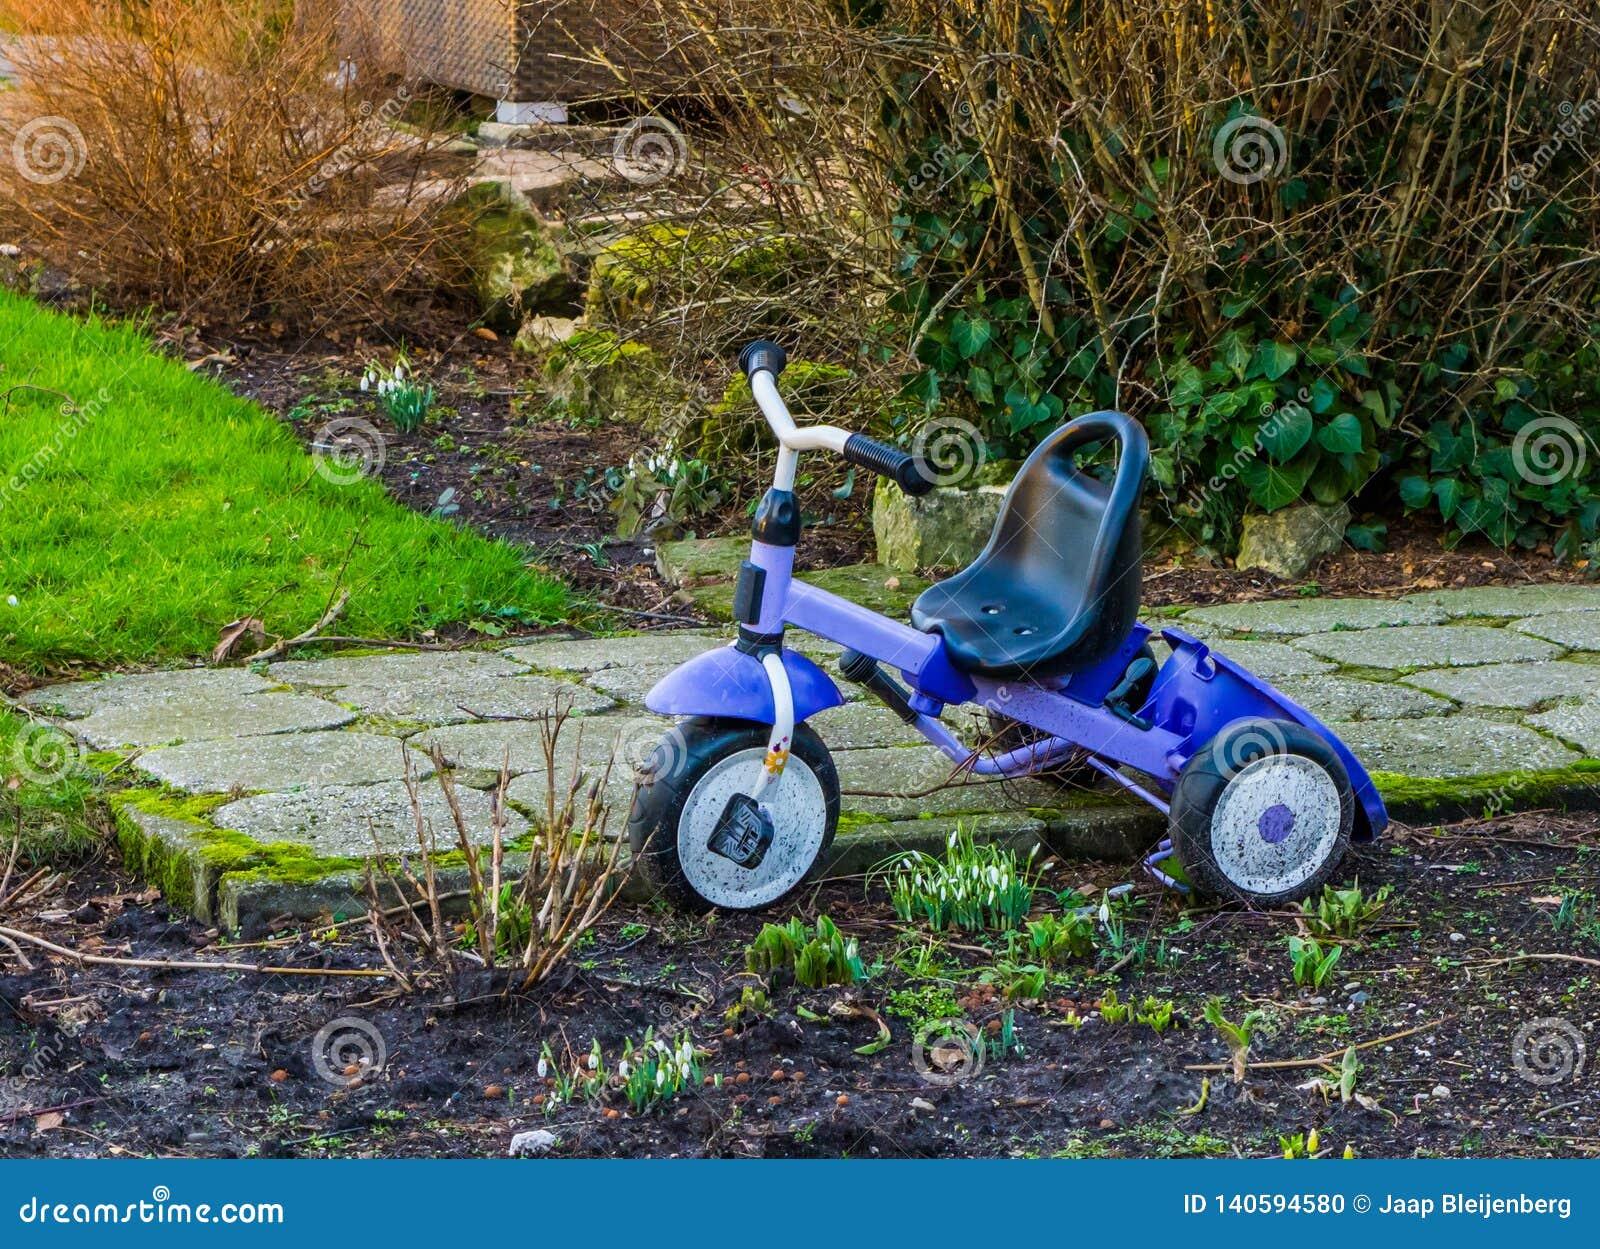 停放的三轮车在庭院里,儿童玩具,普遍的孩子玩具